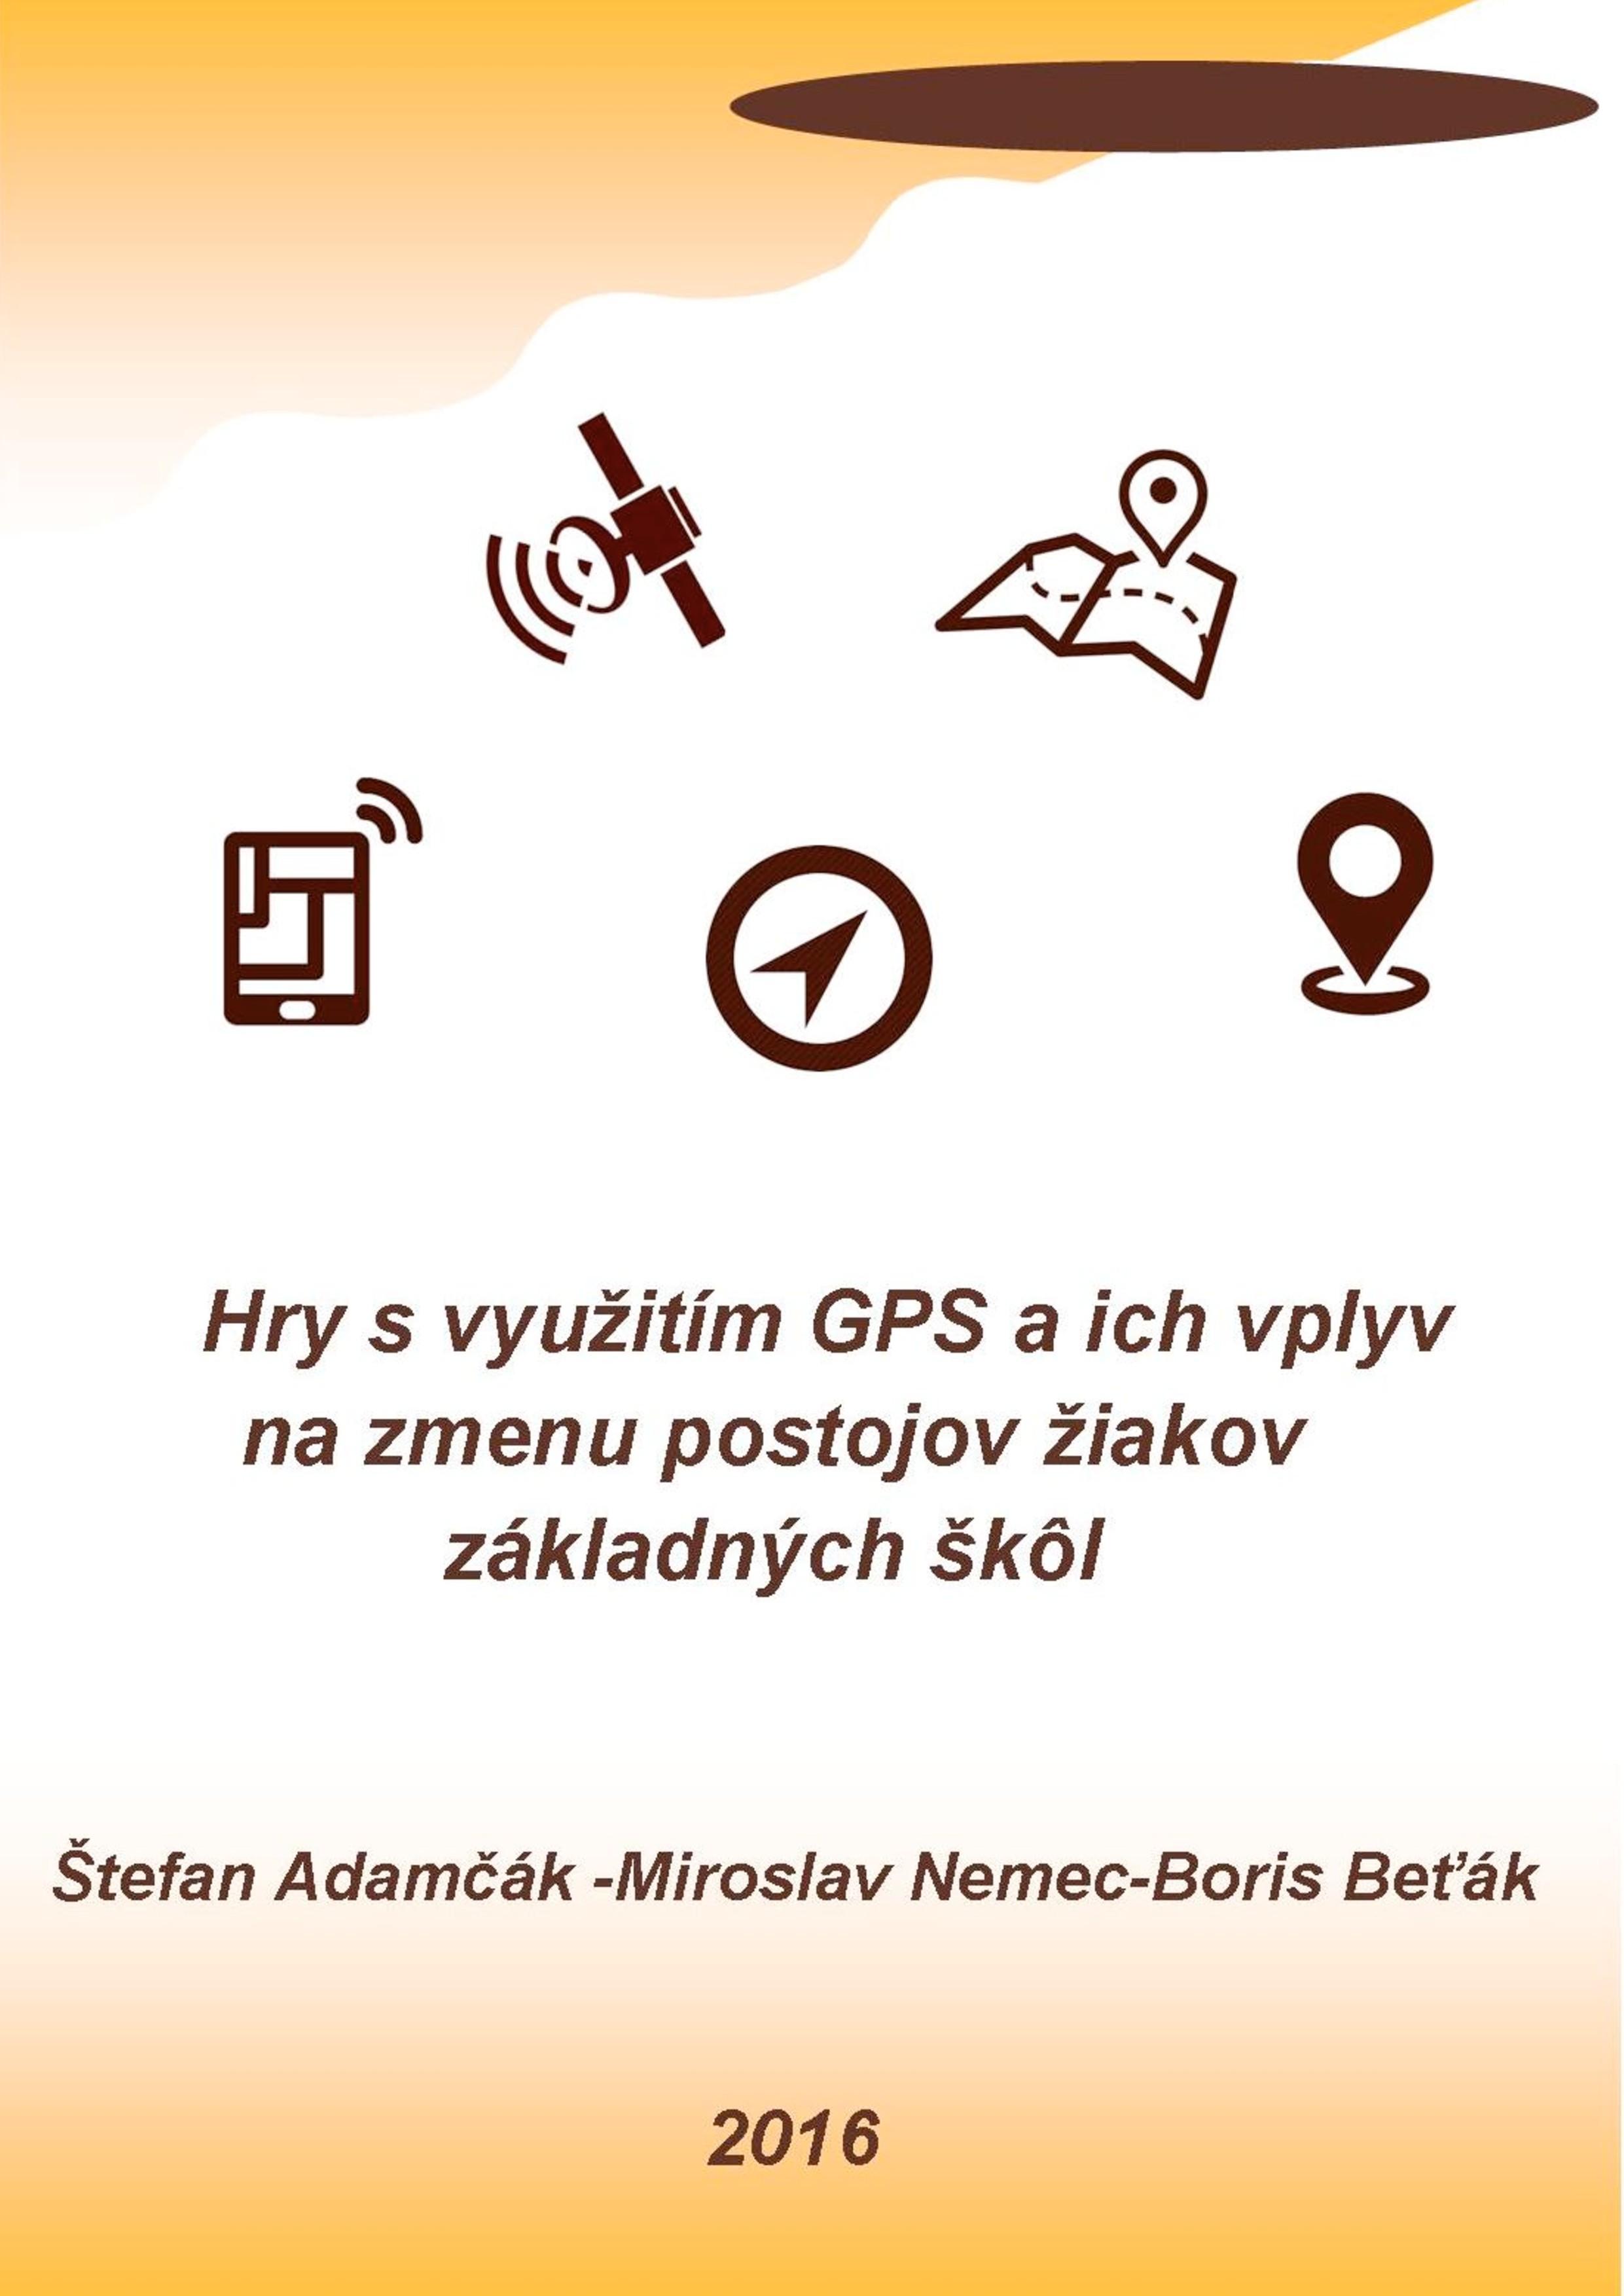 Hry s využitím GPS a ich vplyv na zmenu postojov žiakov základných škôl